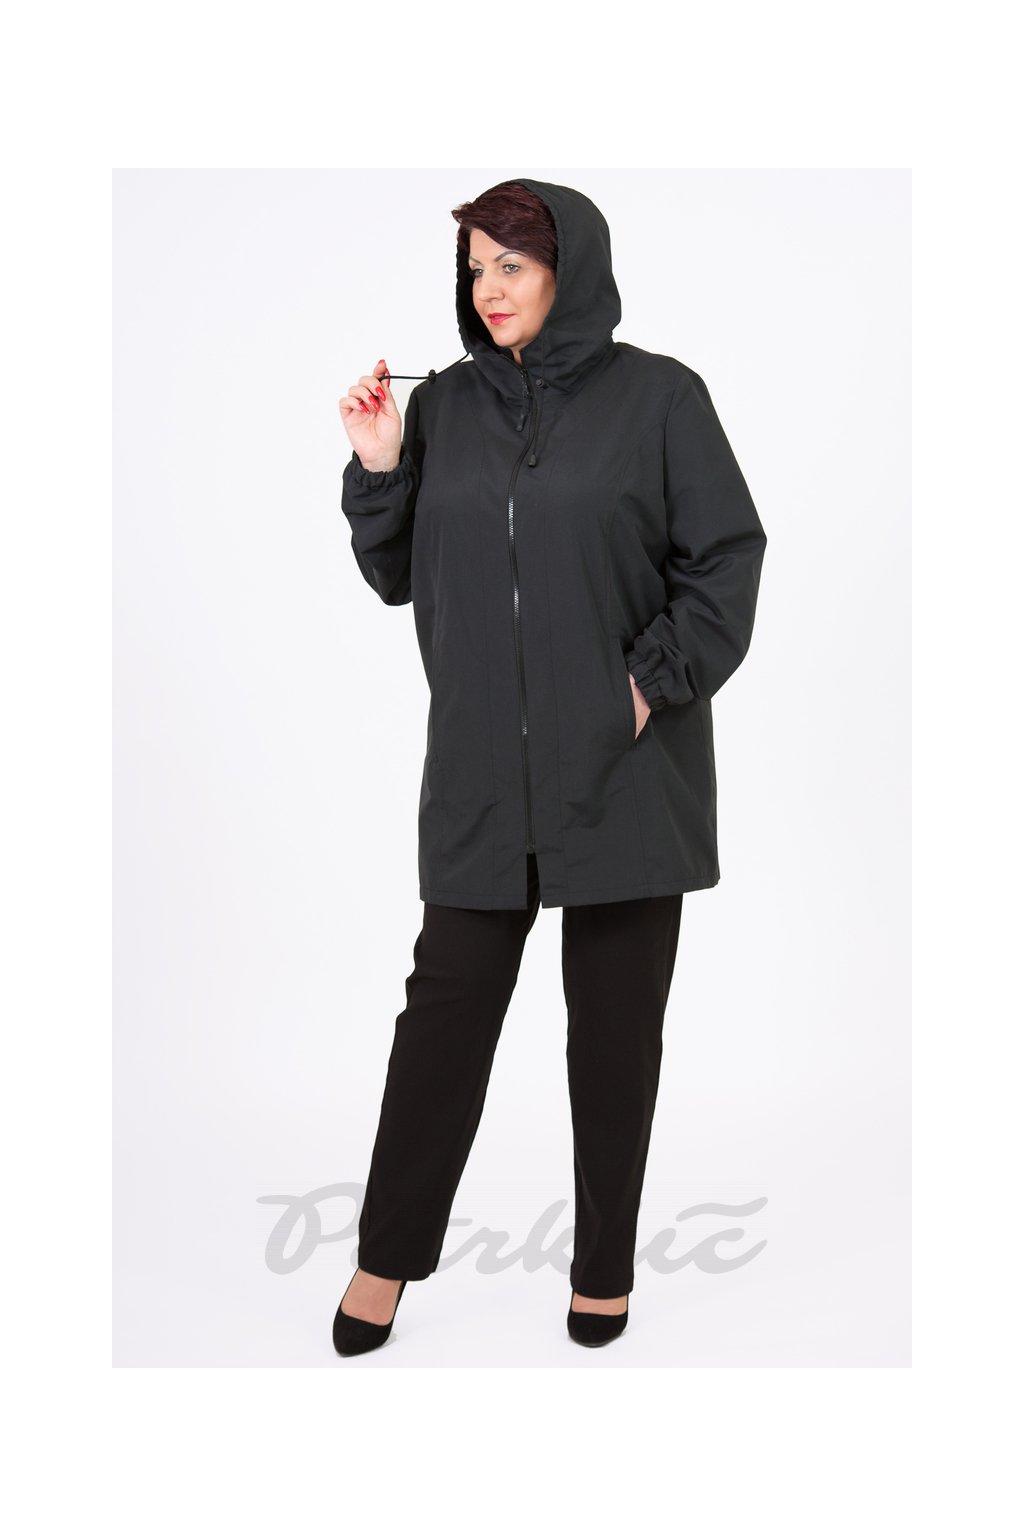 Kapuce kabátek 3 pro web